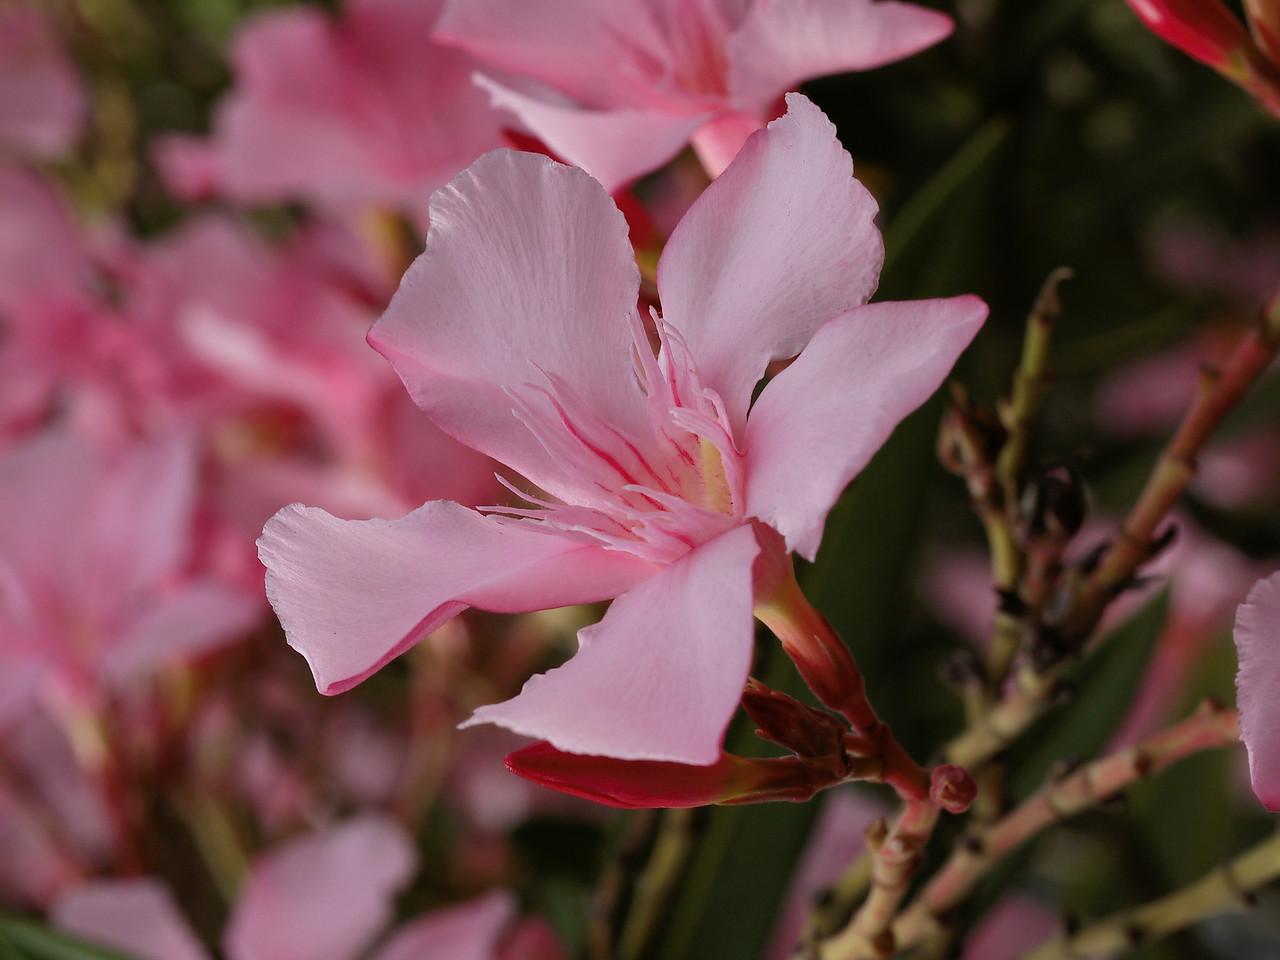 20130315_0948_1312 oleander (Nerium oleander)